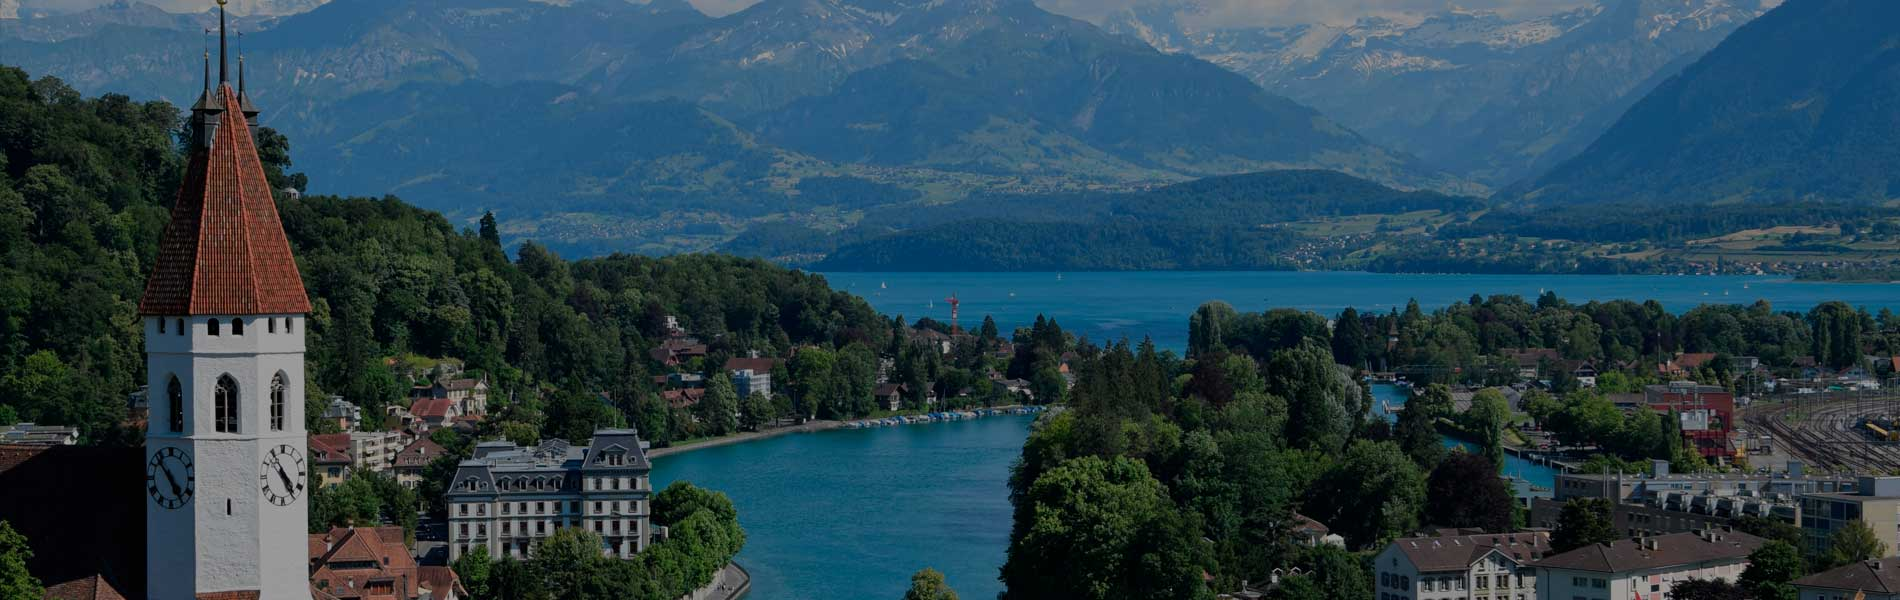 Curso escolar Suiza